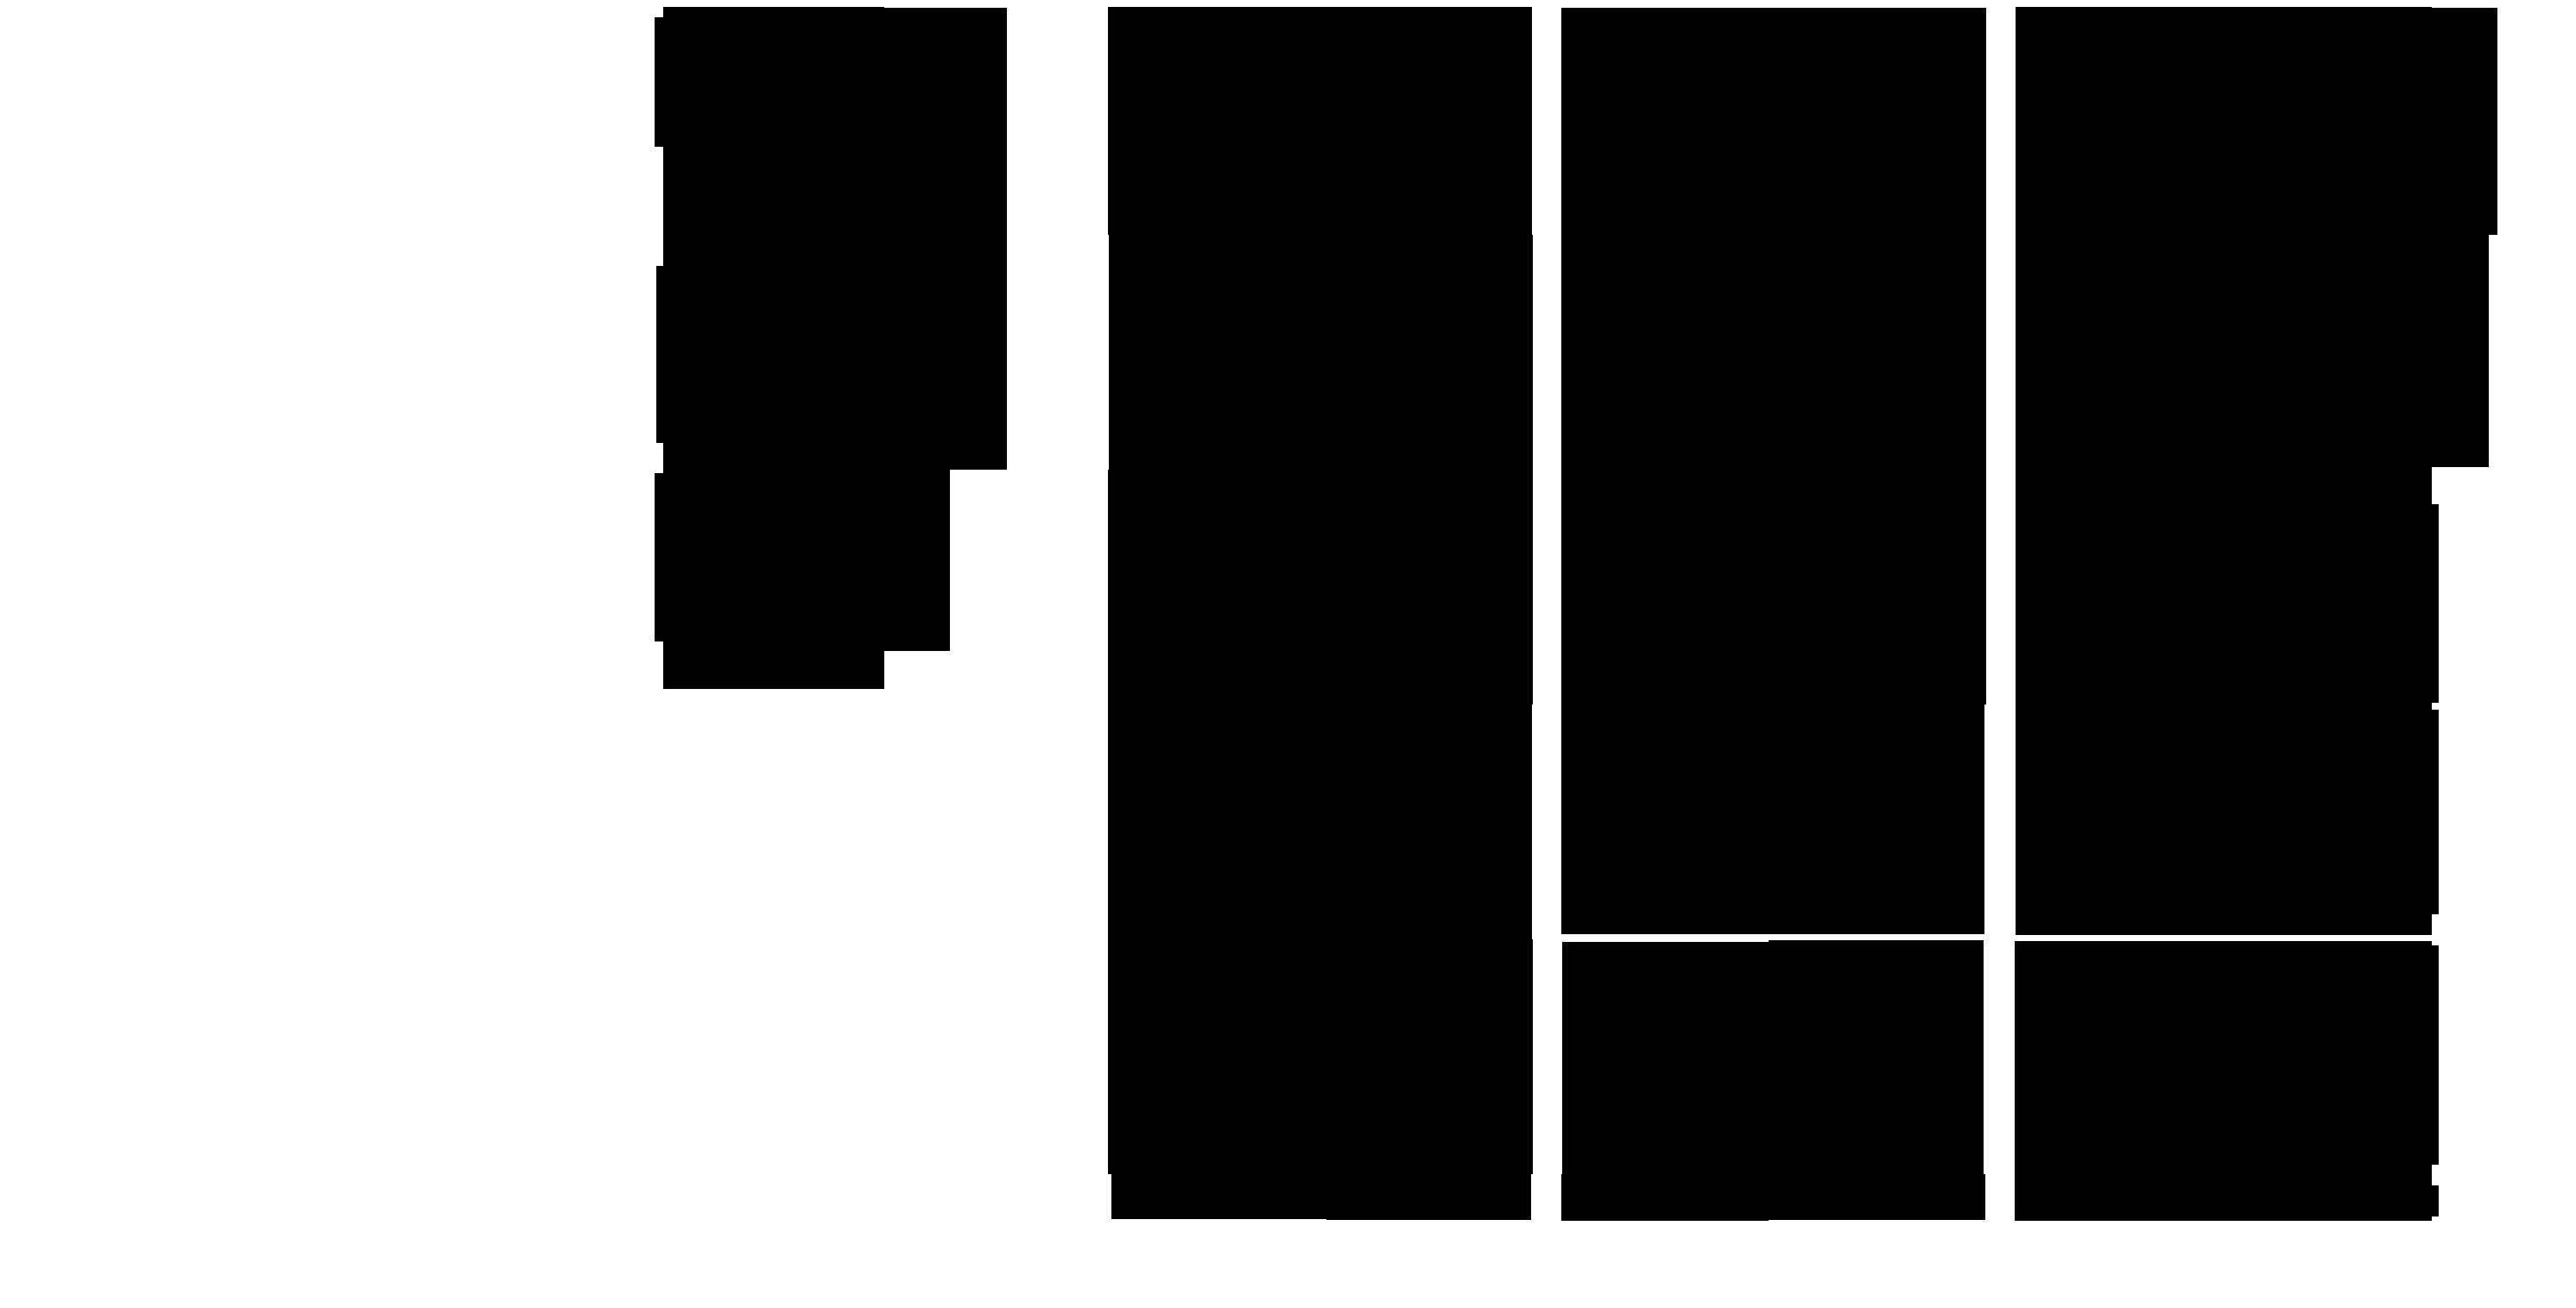 【6月21日掲載】詩歌トライアスロン「根切虫」画像用-2